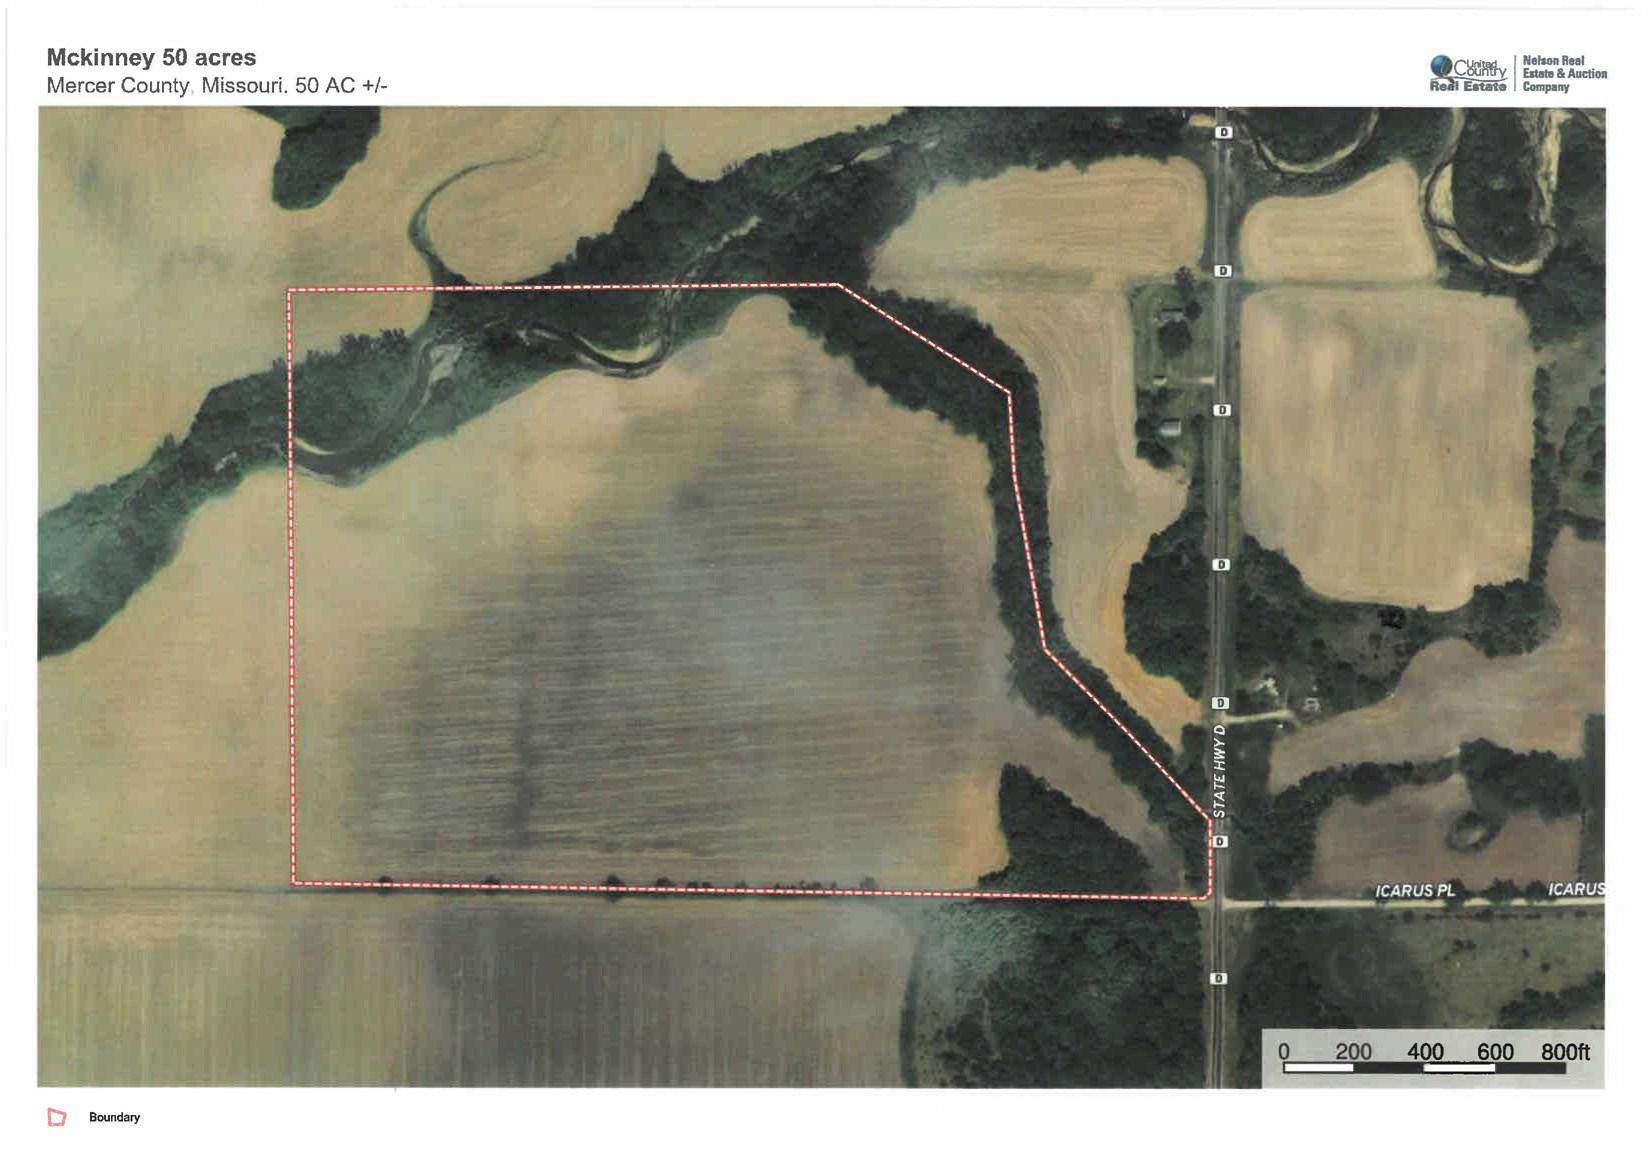 Northwest Missouri Row Crop Farm